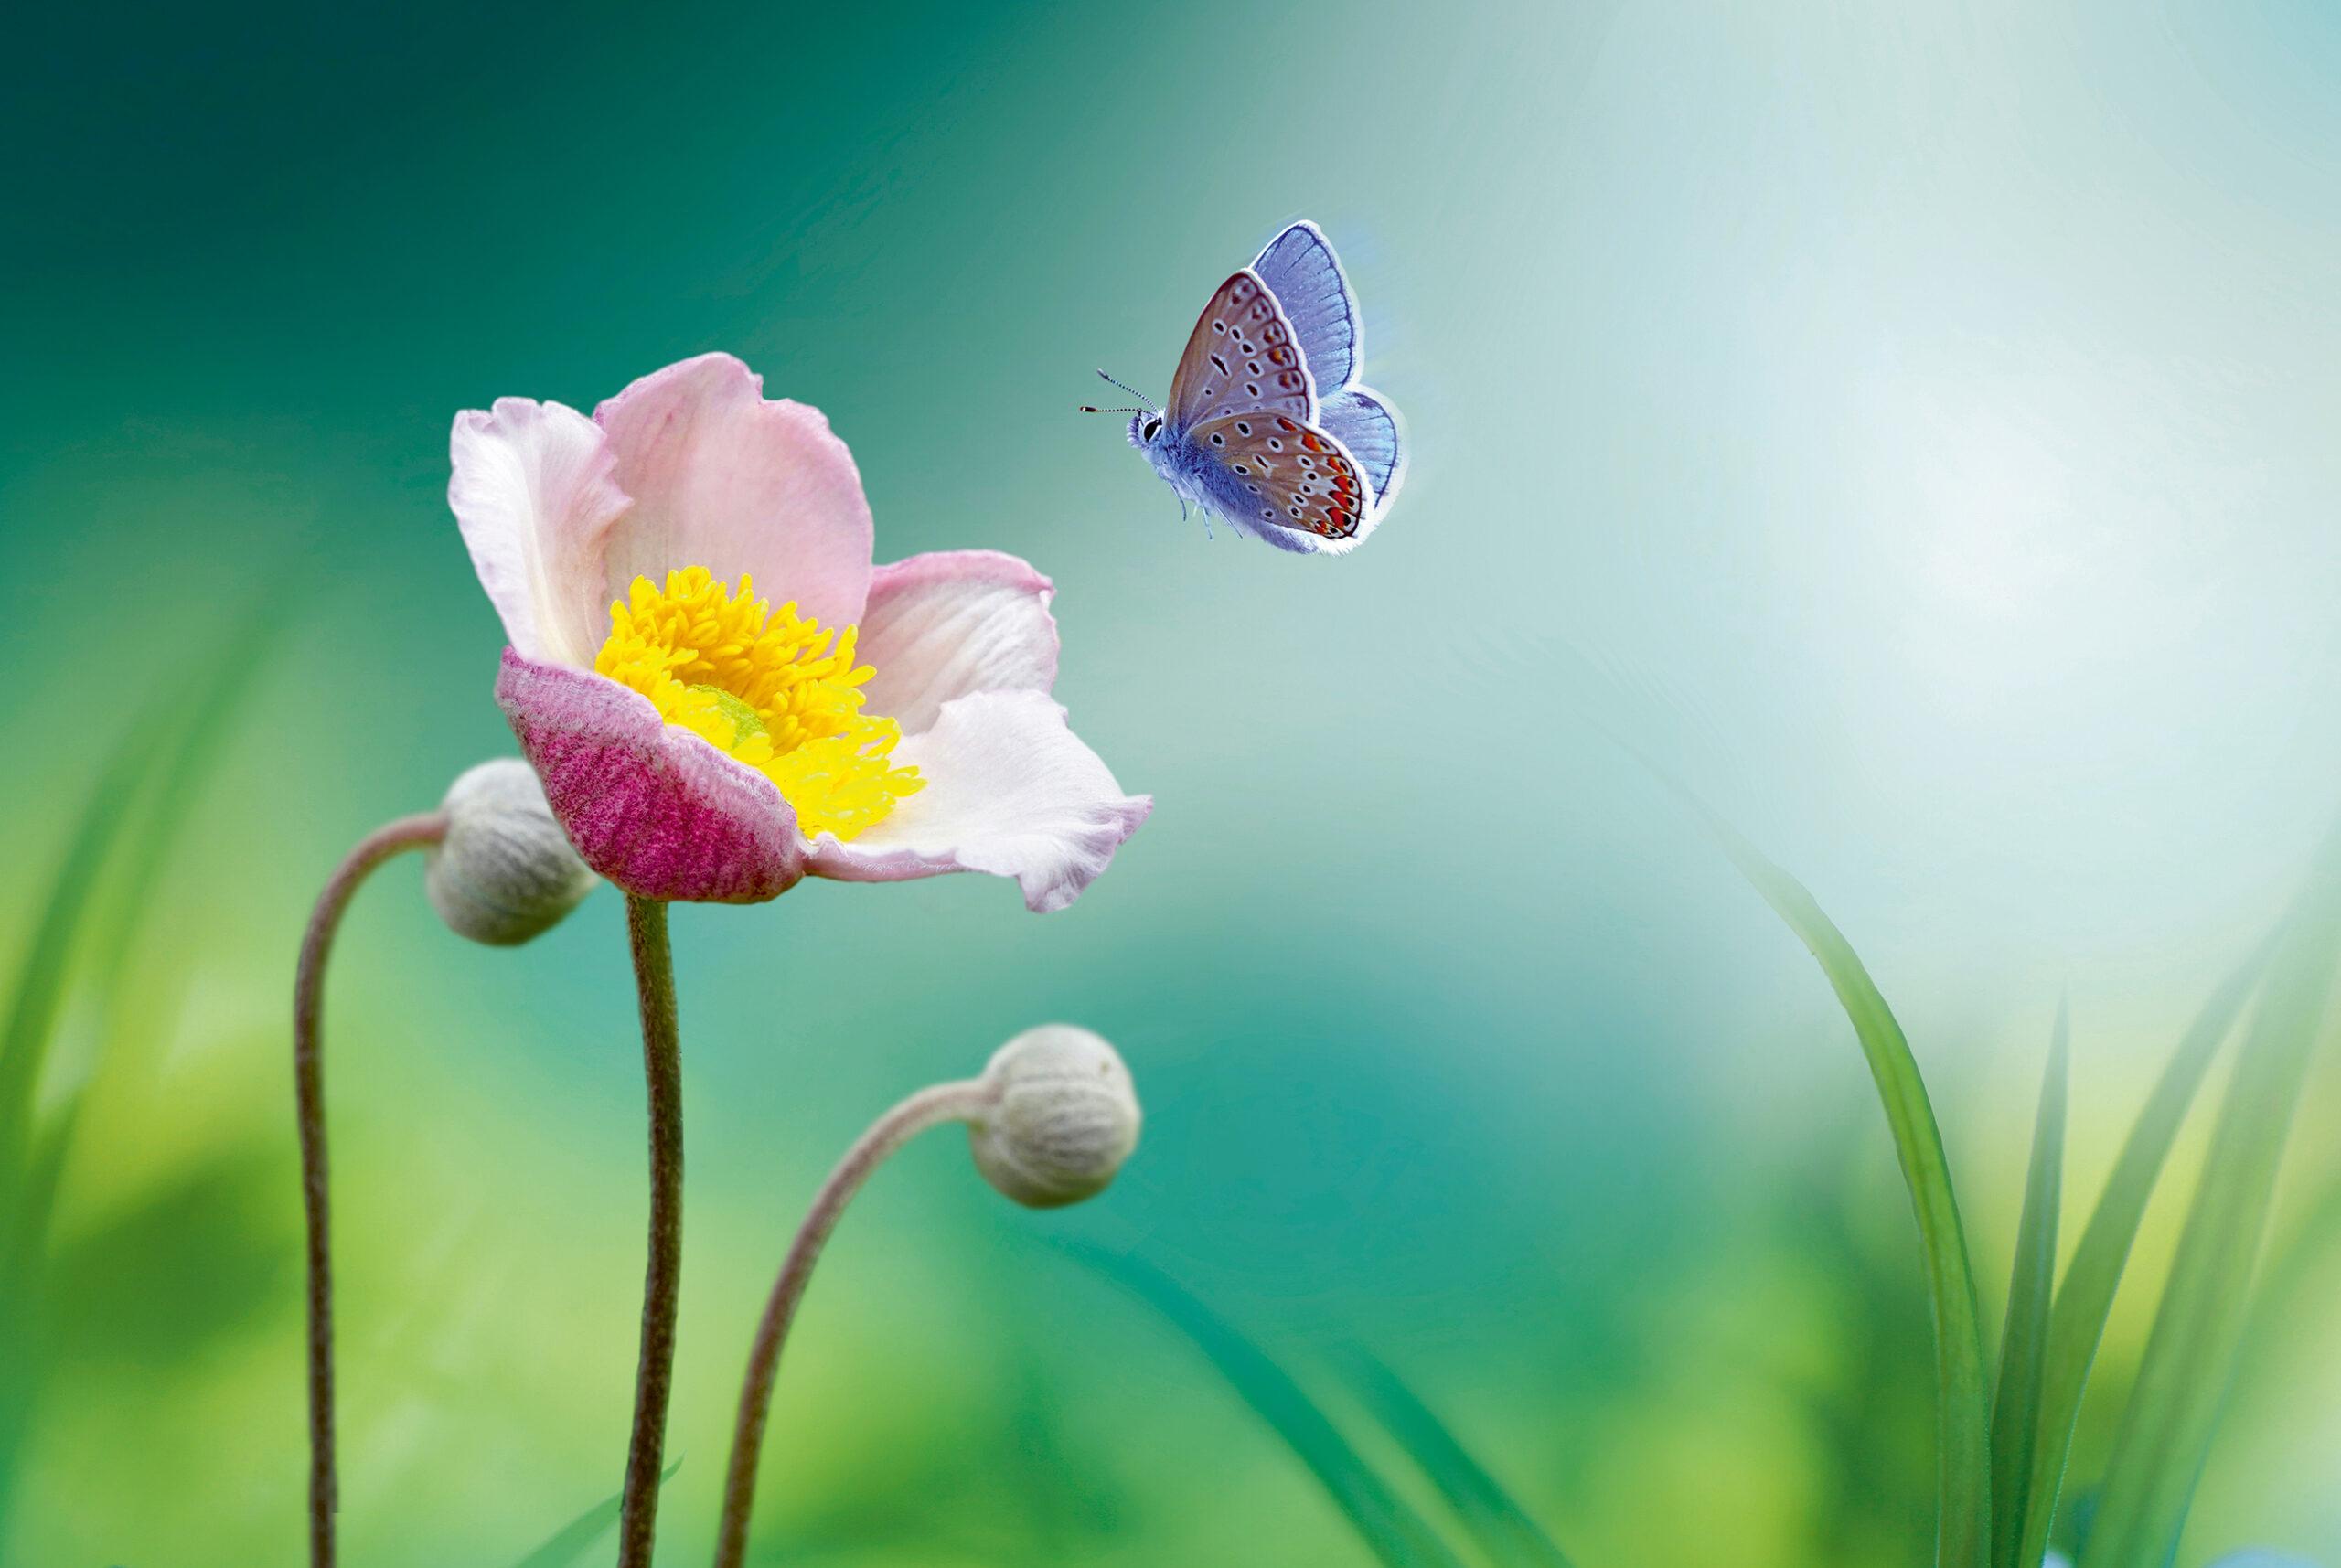 Schmetterling über Blume